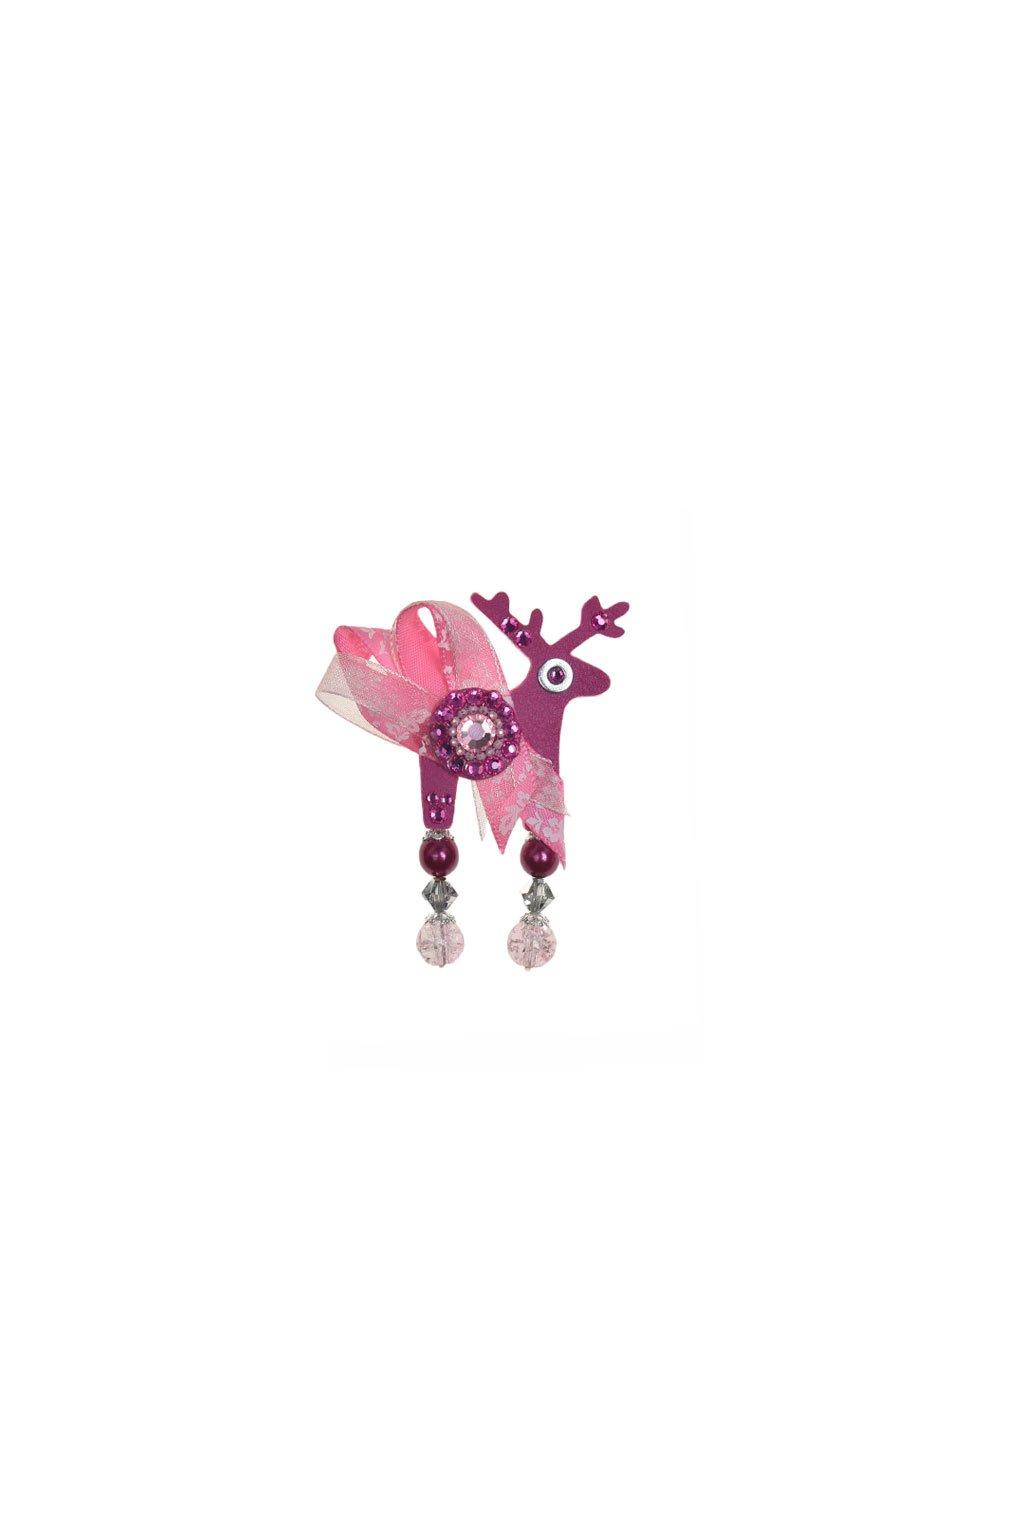 deers lane broz KRASKA